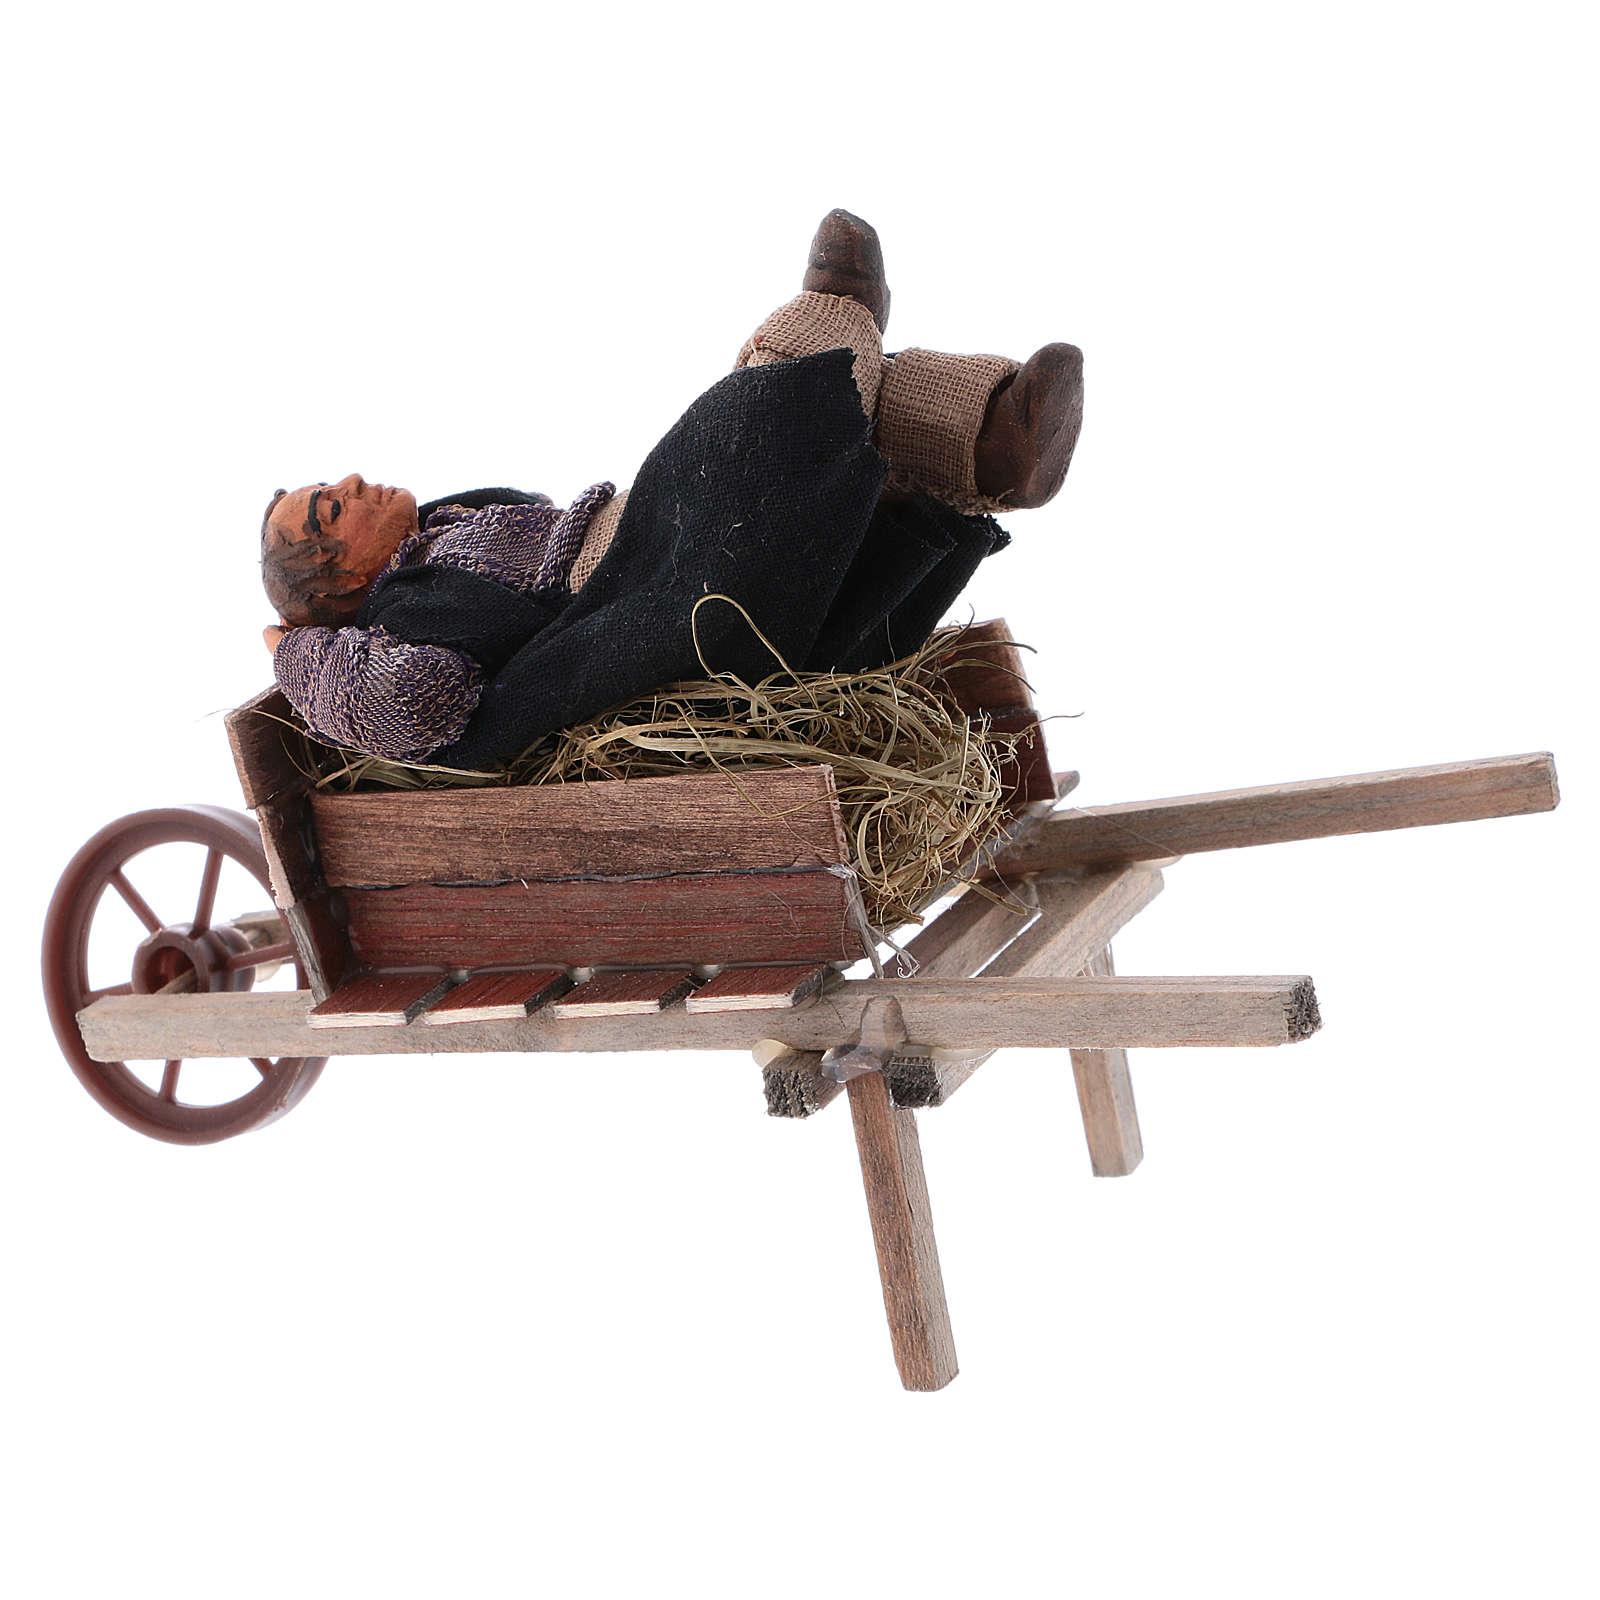 Homme endormi dans une brouette 10 cm crèche de Naples 4